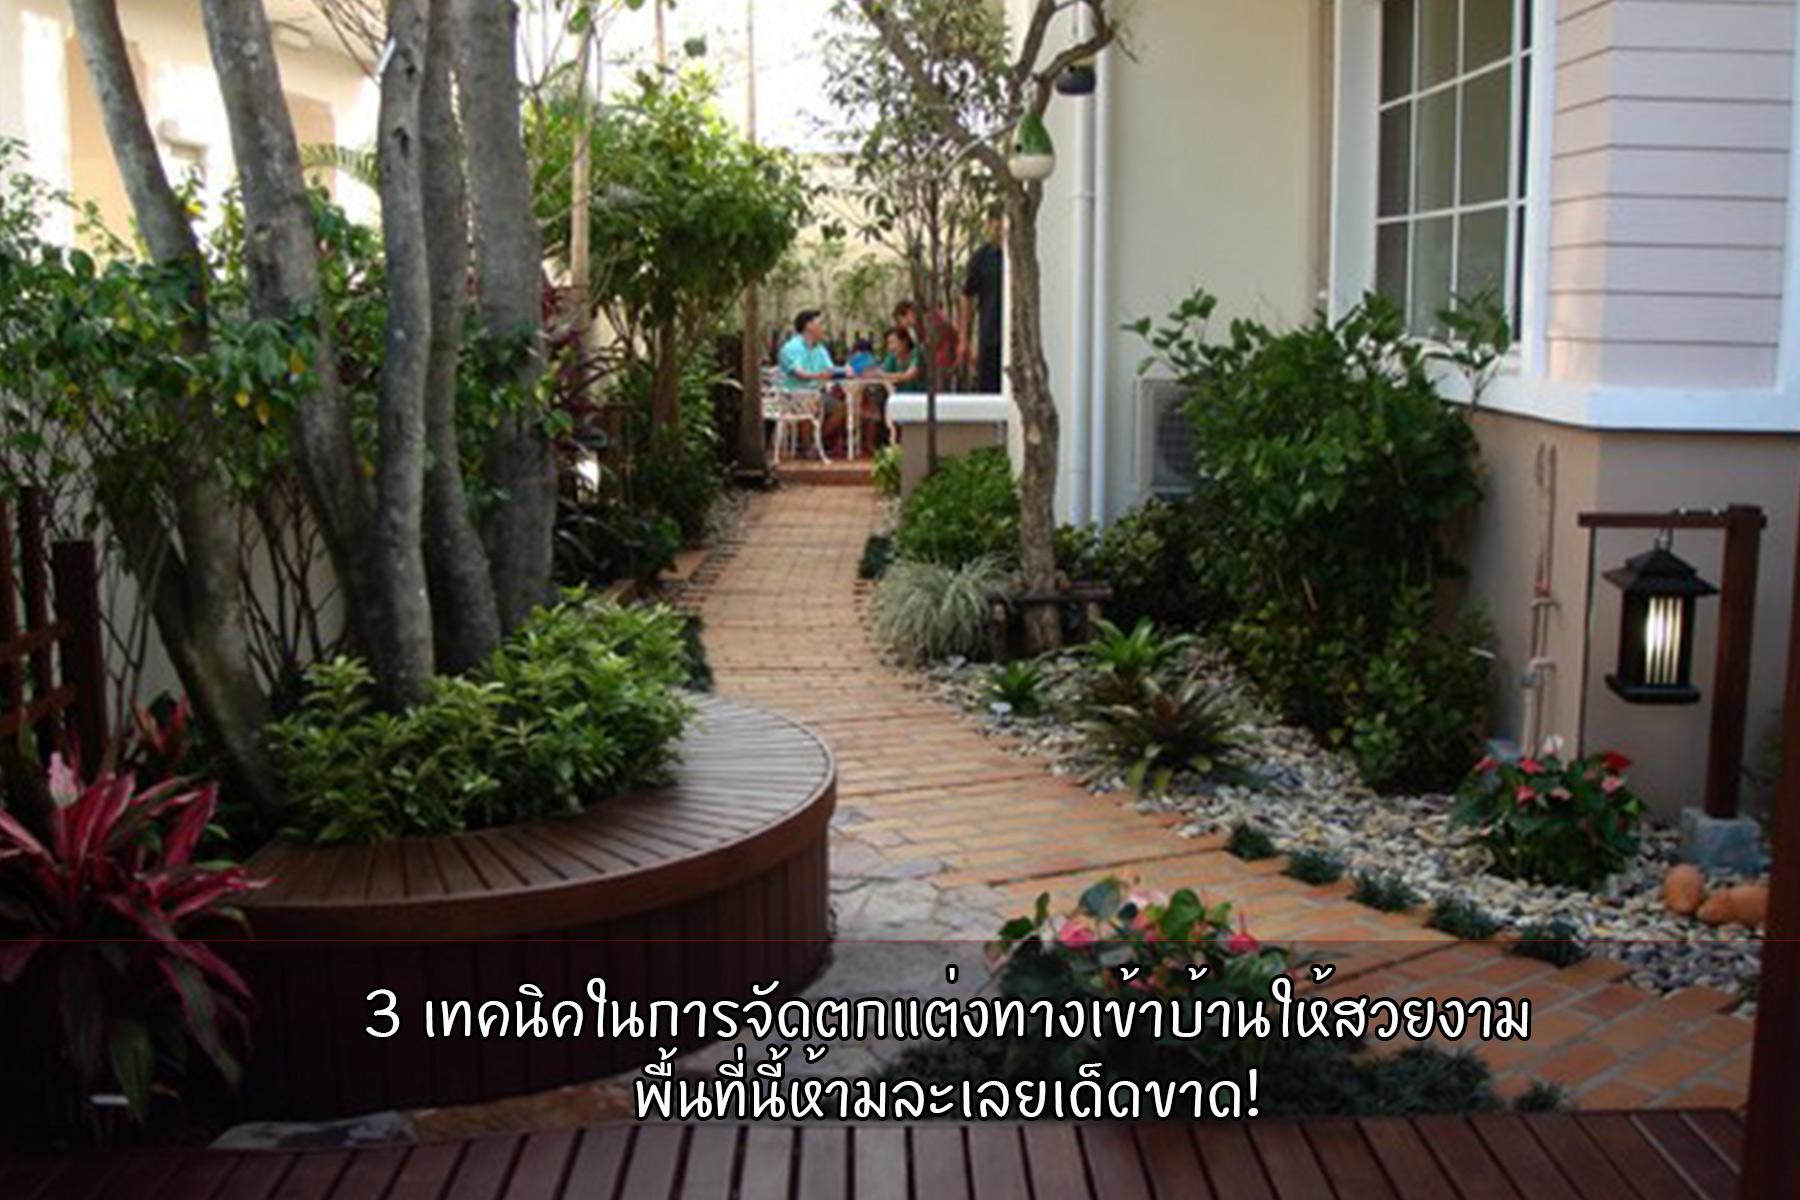 3 เทคนิคในการจัดตกแต่งทางเข้าบ้านให้สวยงาม พื้นที่นี้ห้ามละเลยเด็ดขาด! Trendy Home แต่งบ้าน ปรับคอนโด